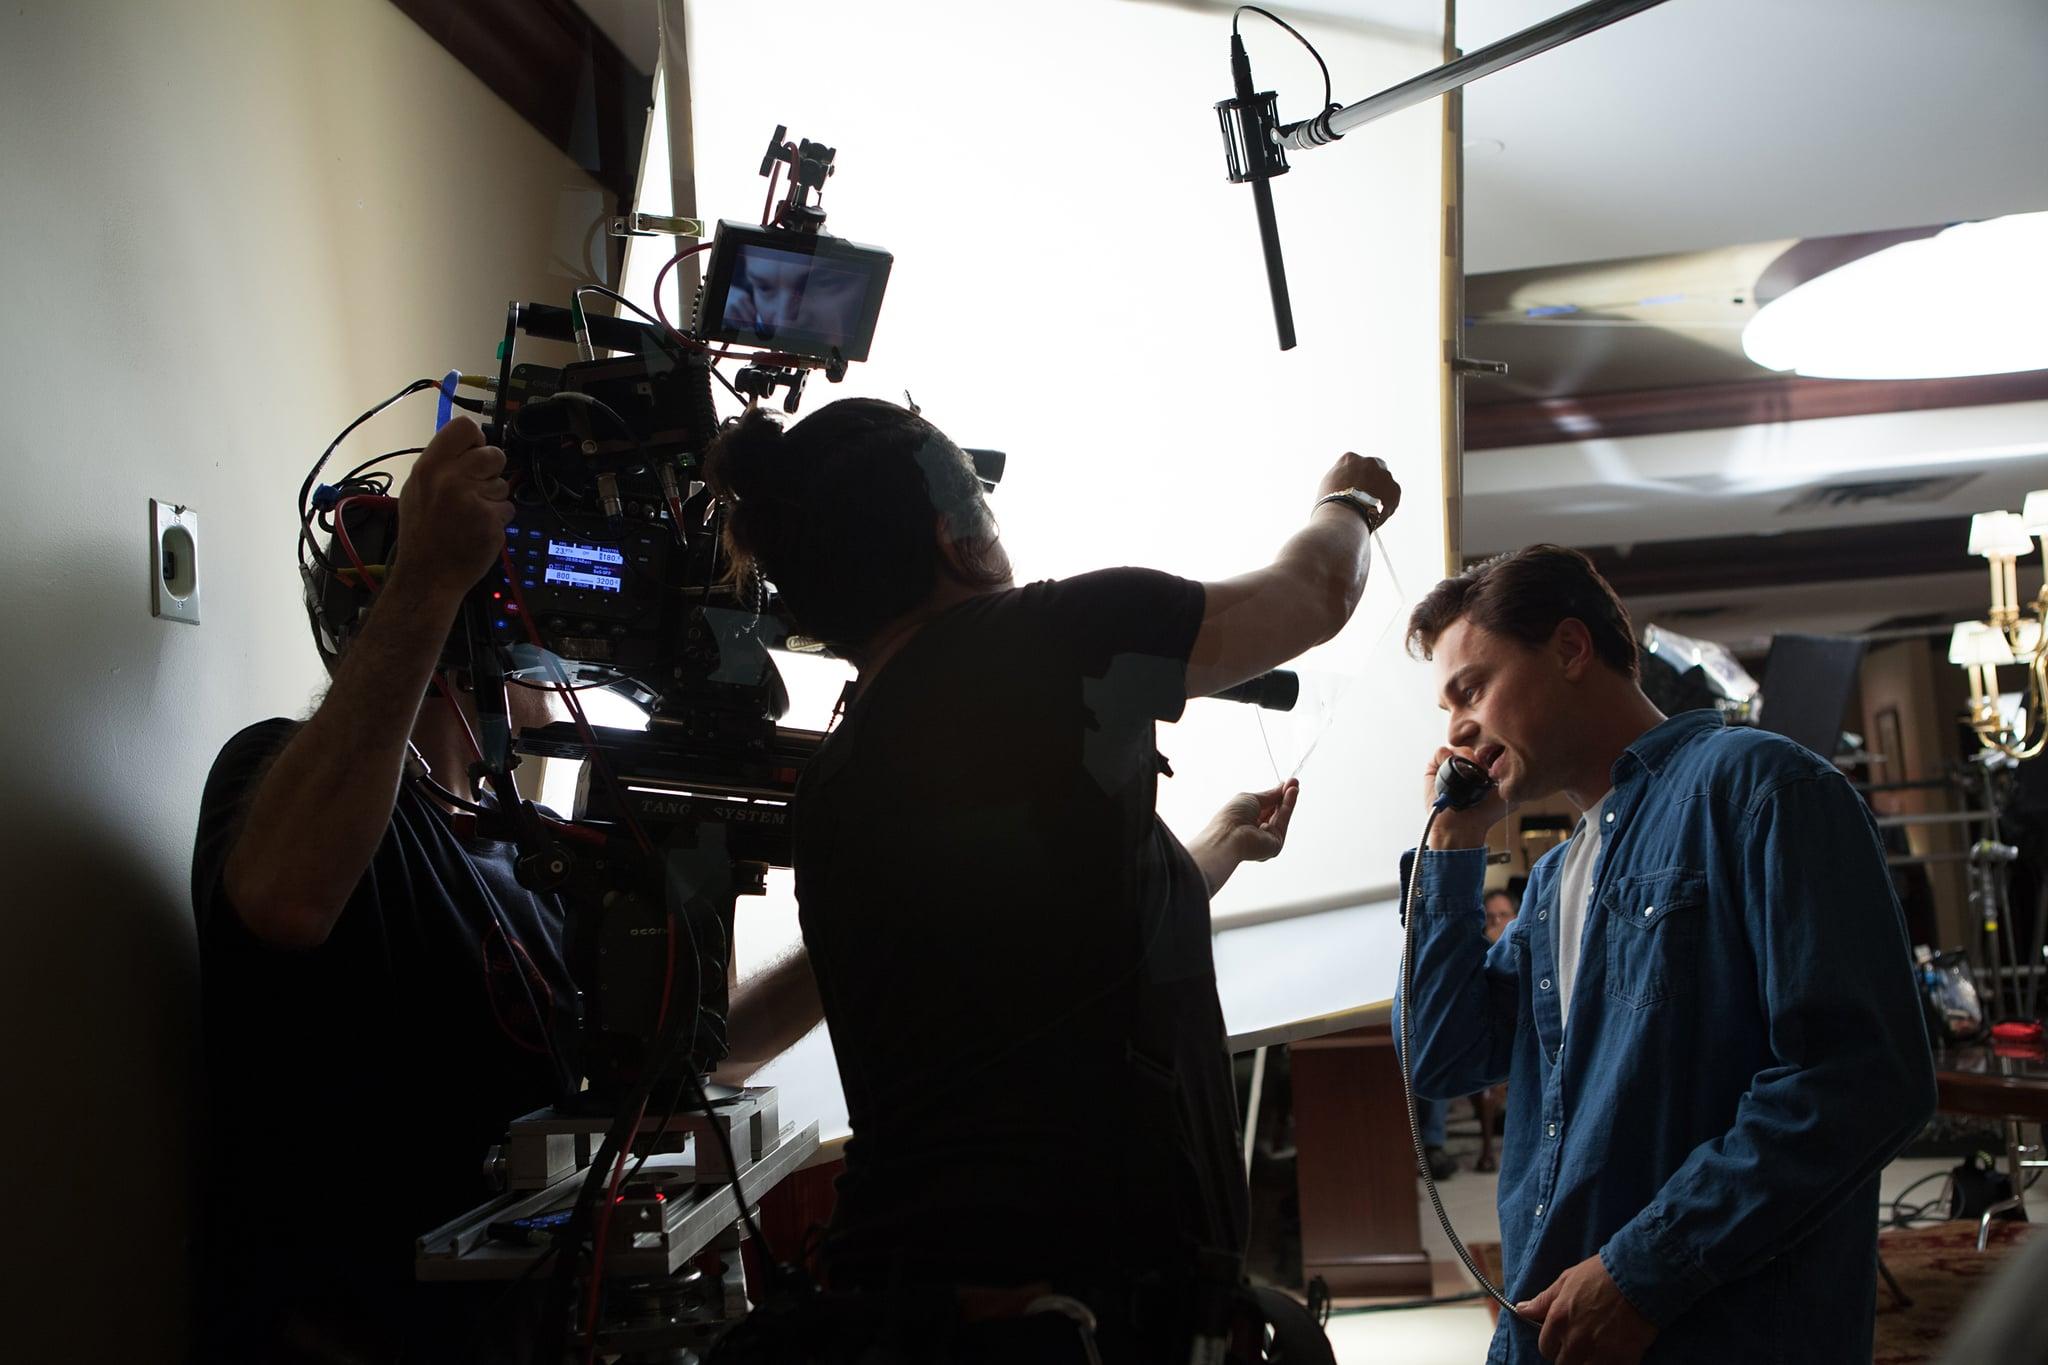 DiCaprio in character as Jordan Belfort.